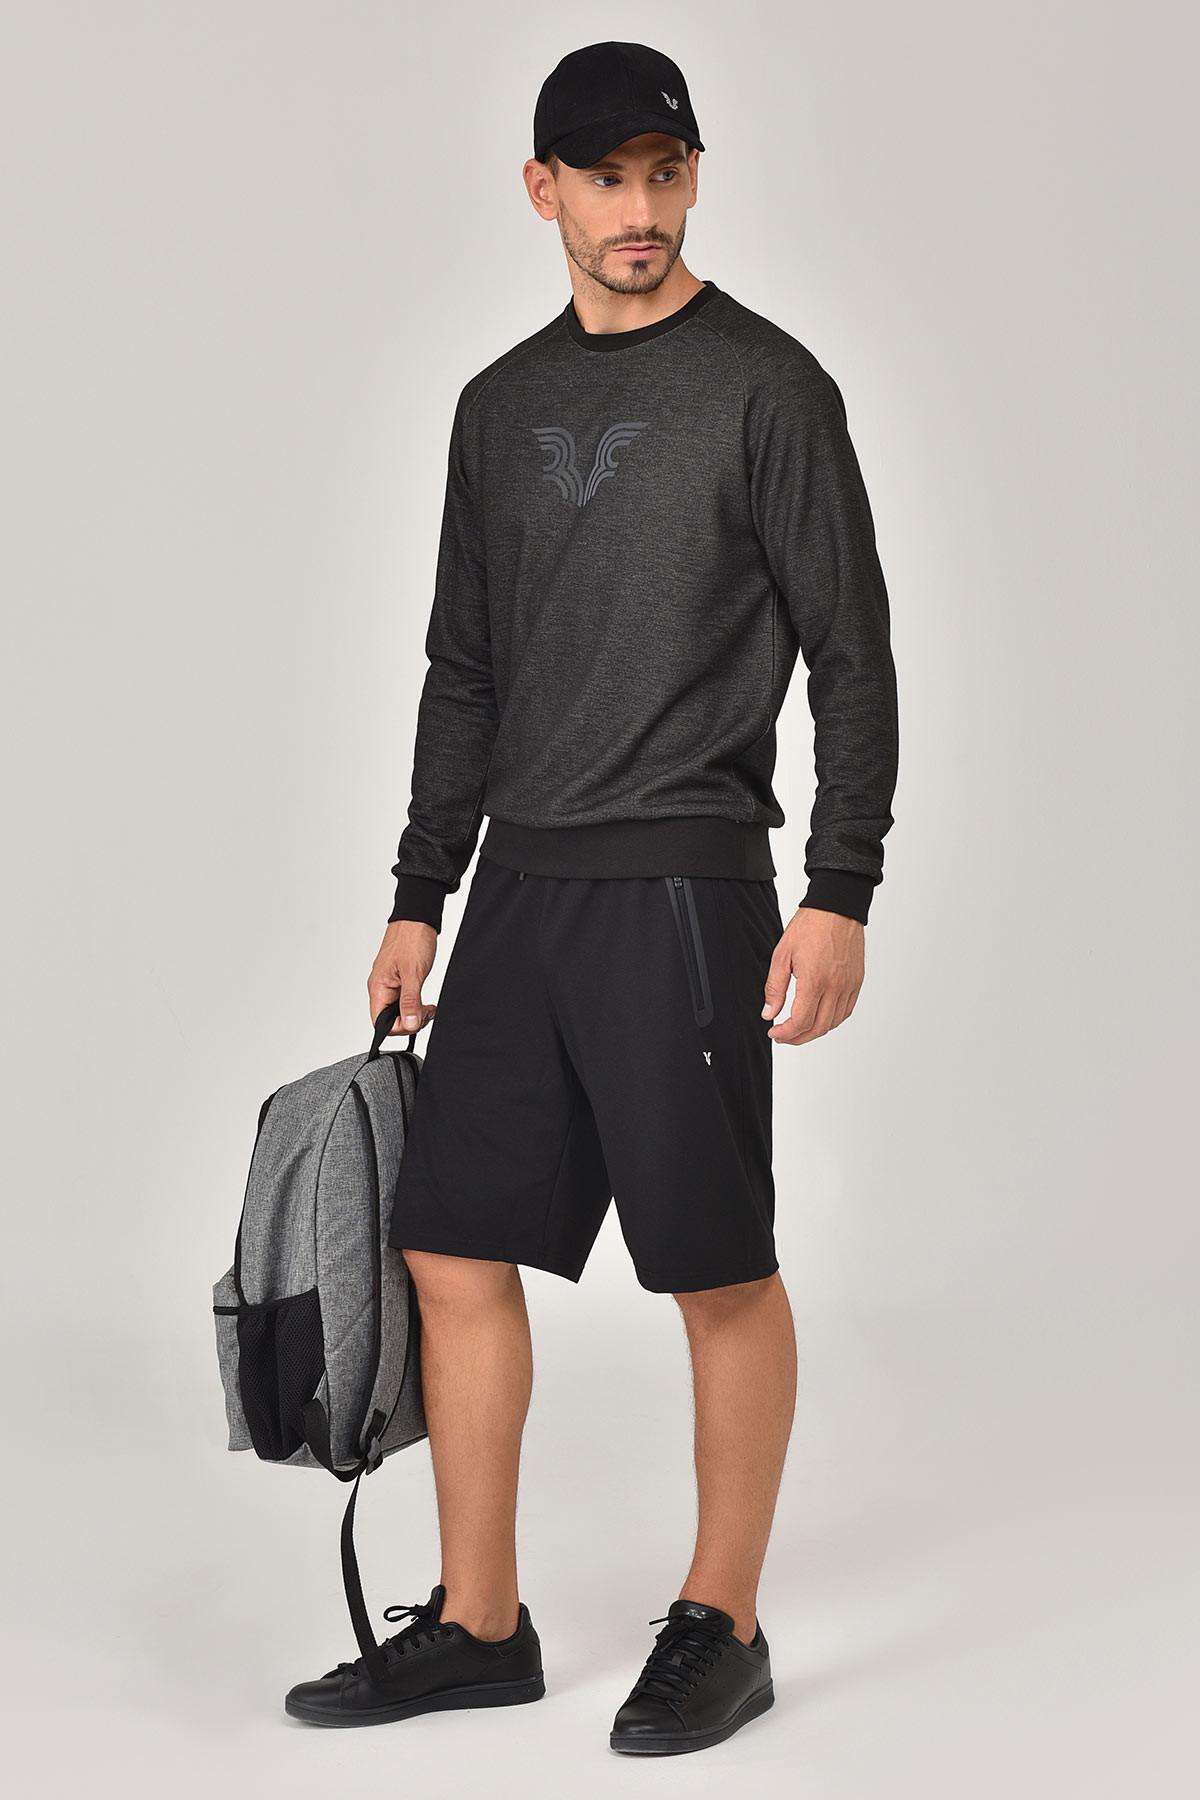 Bilcee Siyah Erkek Sweatshirt FW-1481 BİLCEE